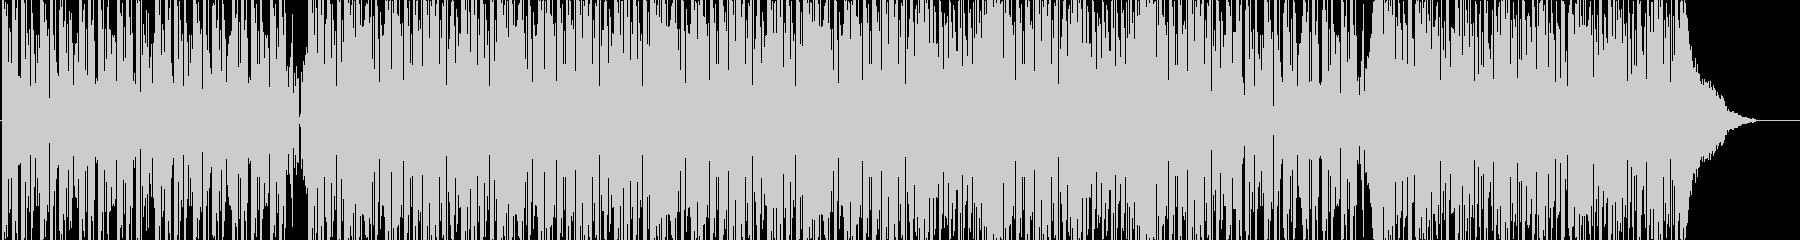 ヒップホップ、DJ、ファンク、トラックの未再生の波形